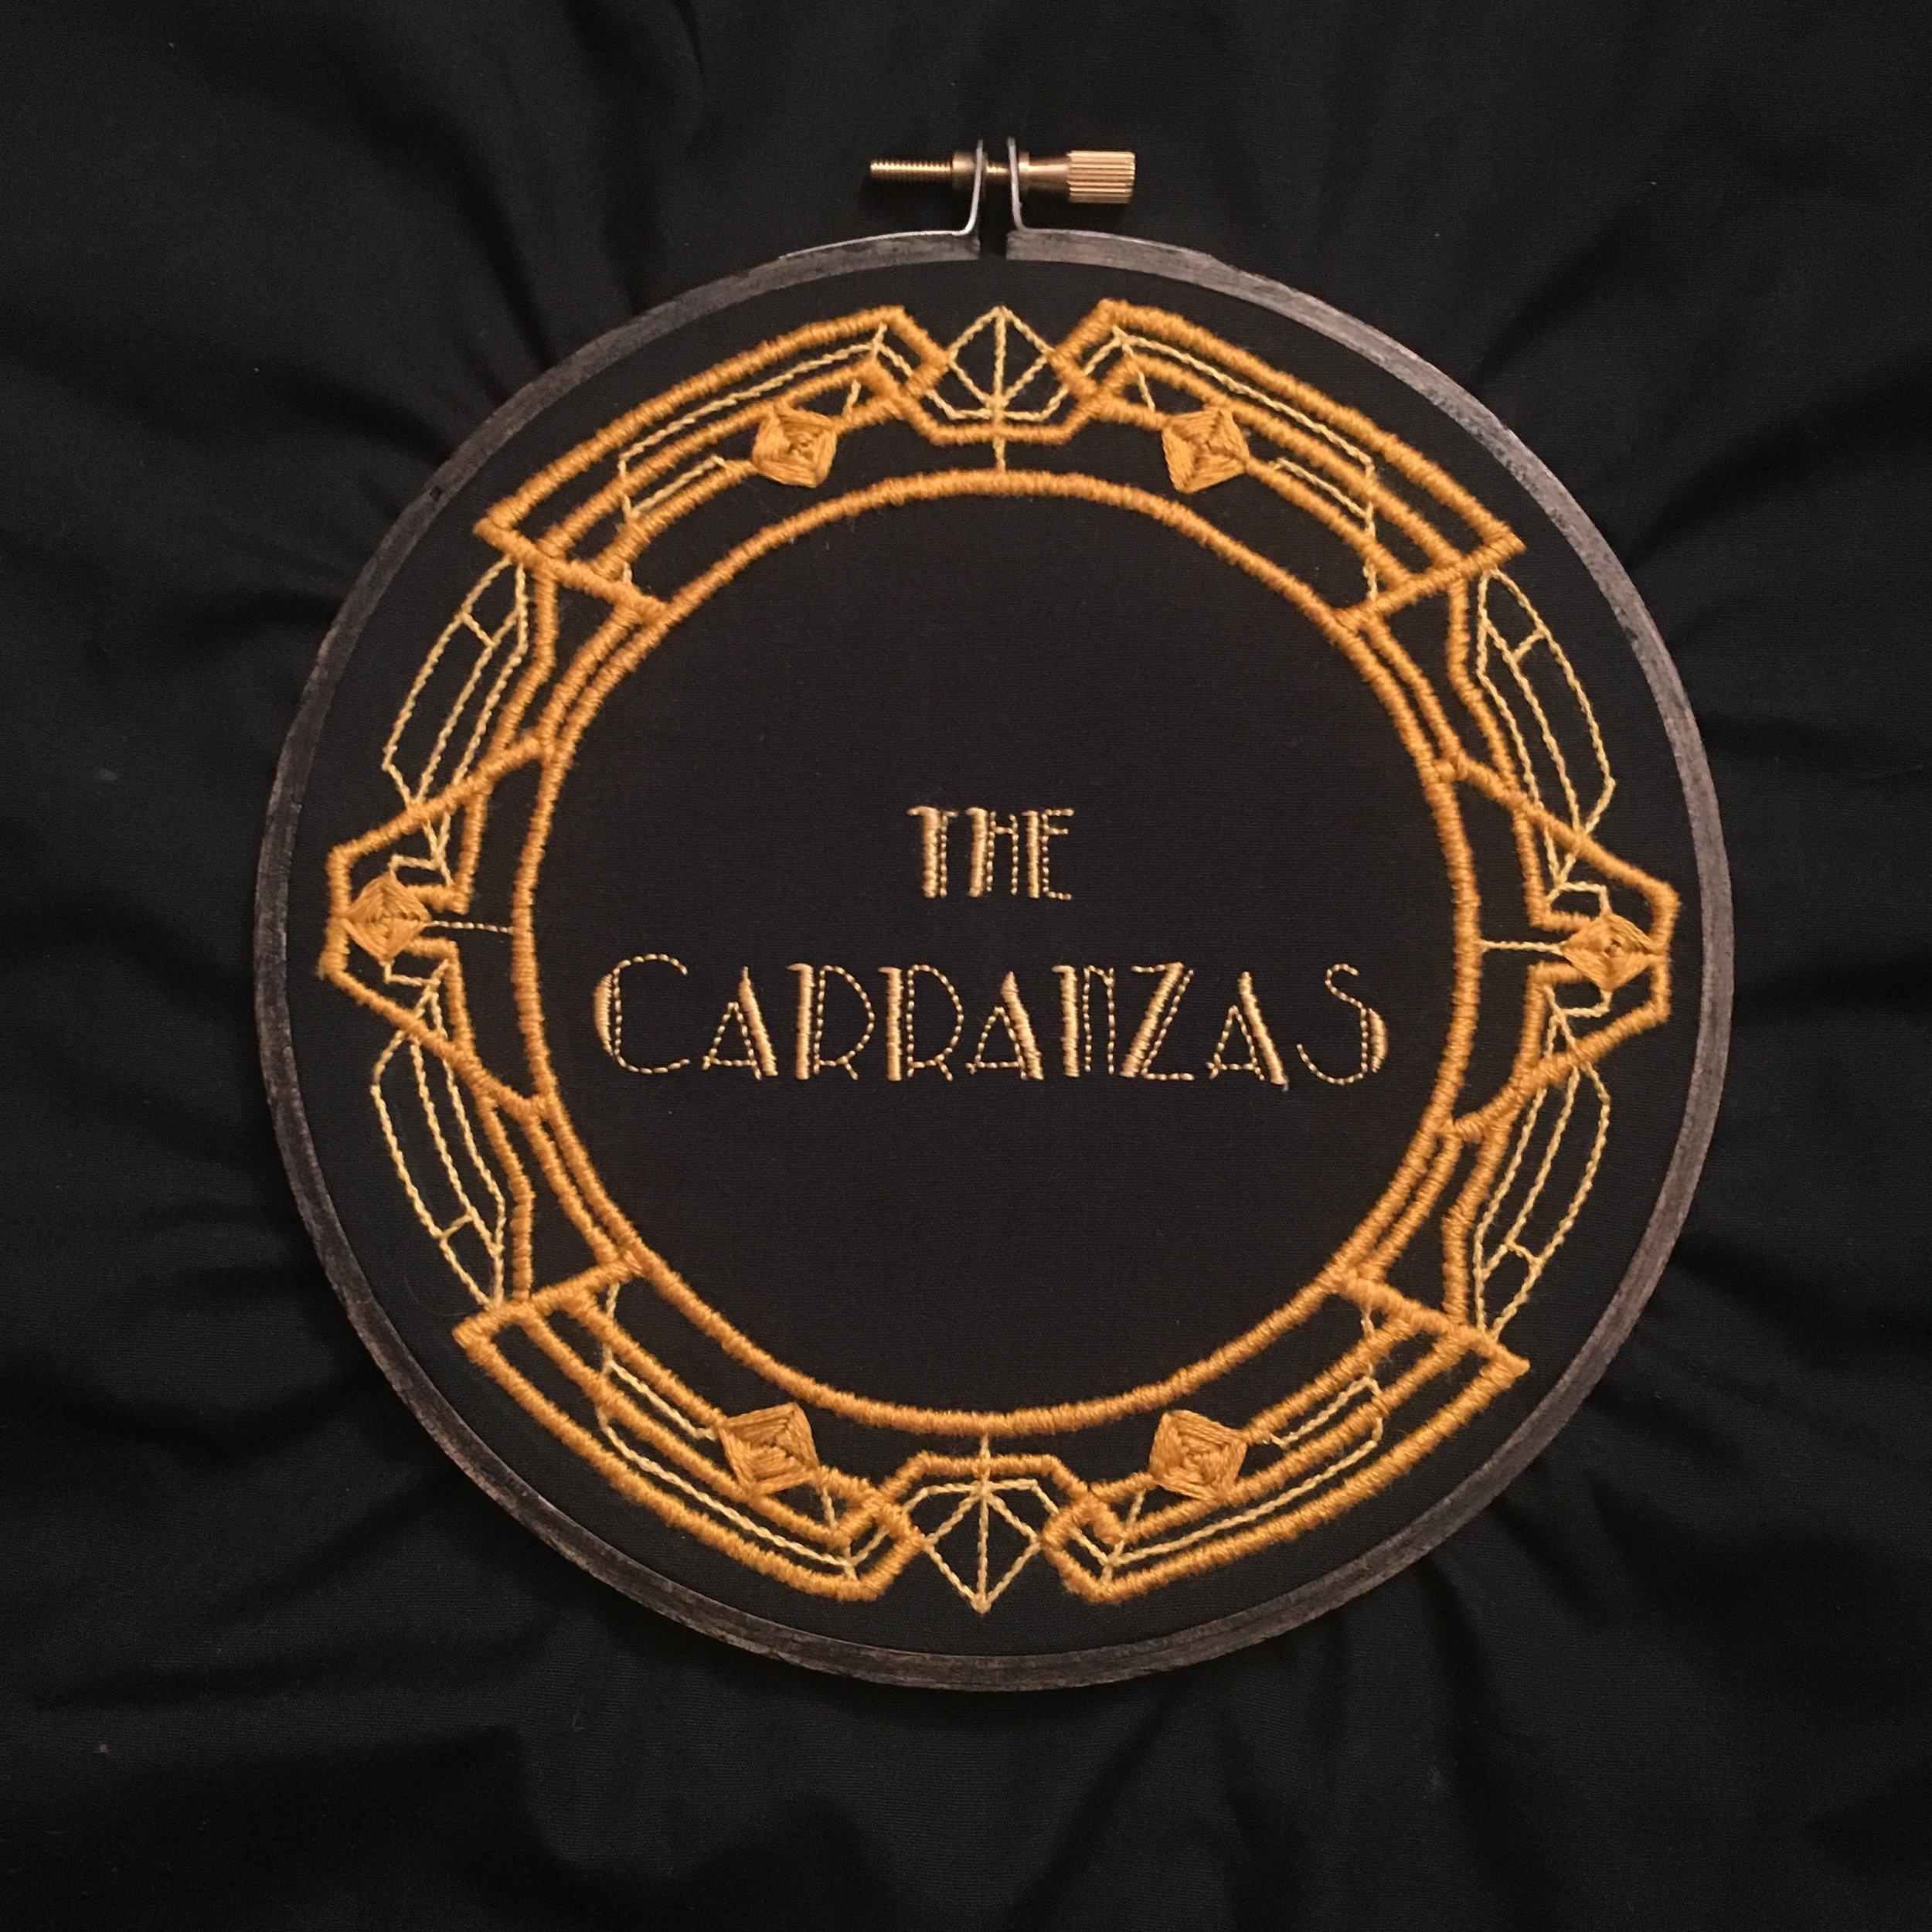 The Carranzas